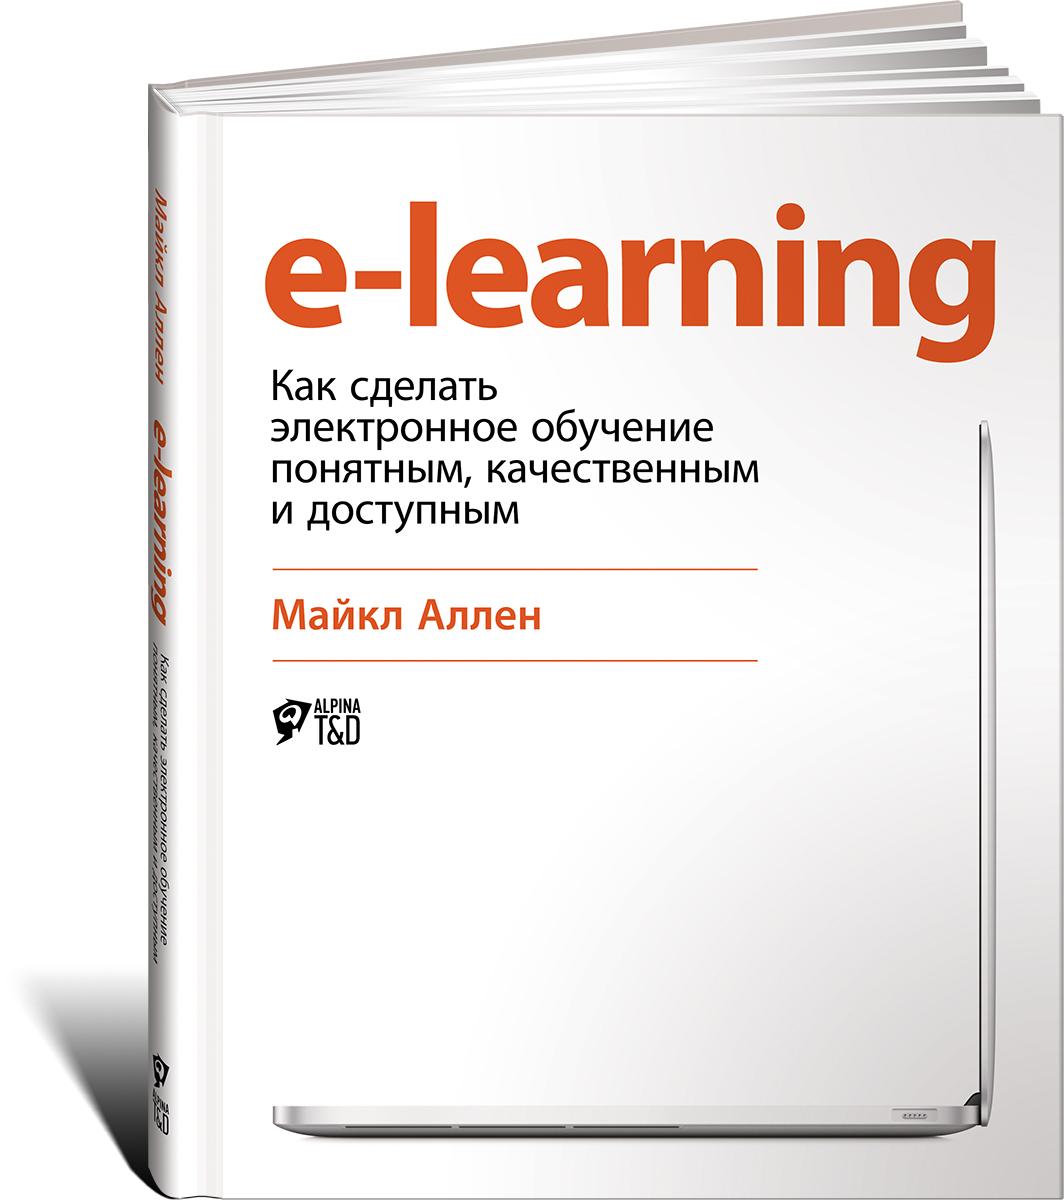 Майкл Аллен. E-Learning: Как сделать электронное обучение понятным, качественным и доступным